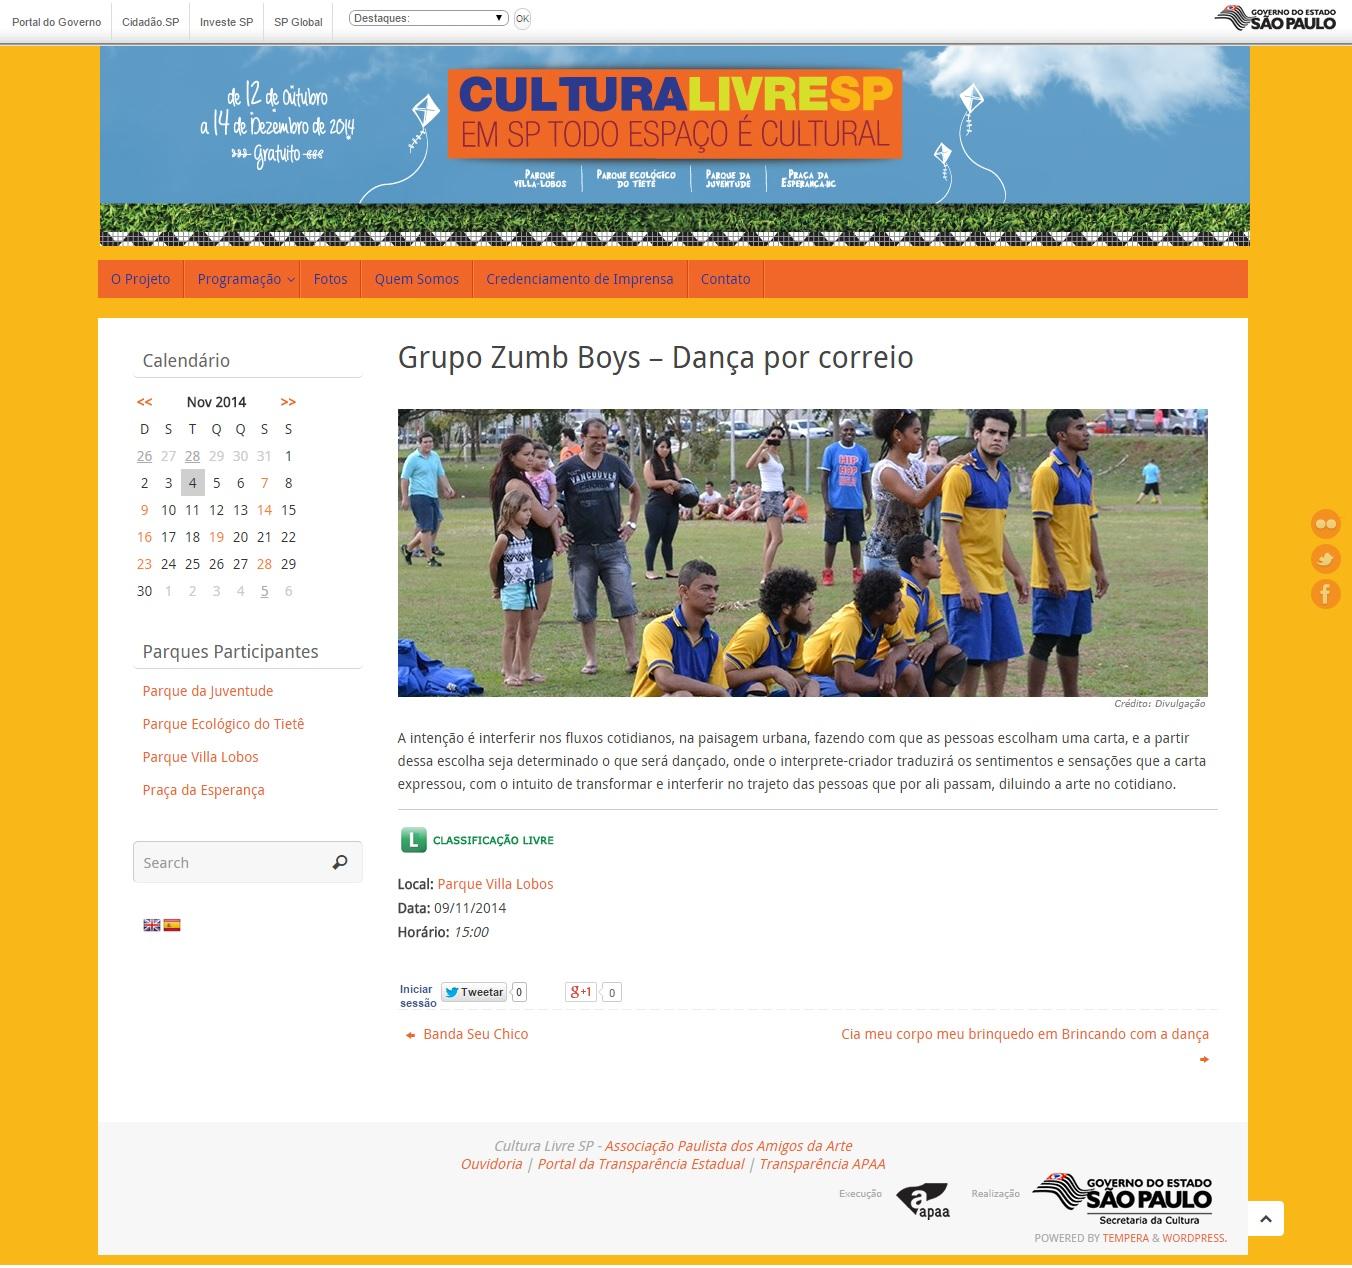 Cultura Livre - 2014